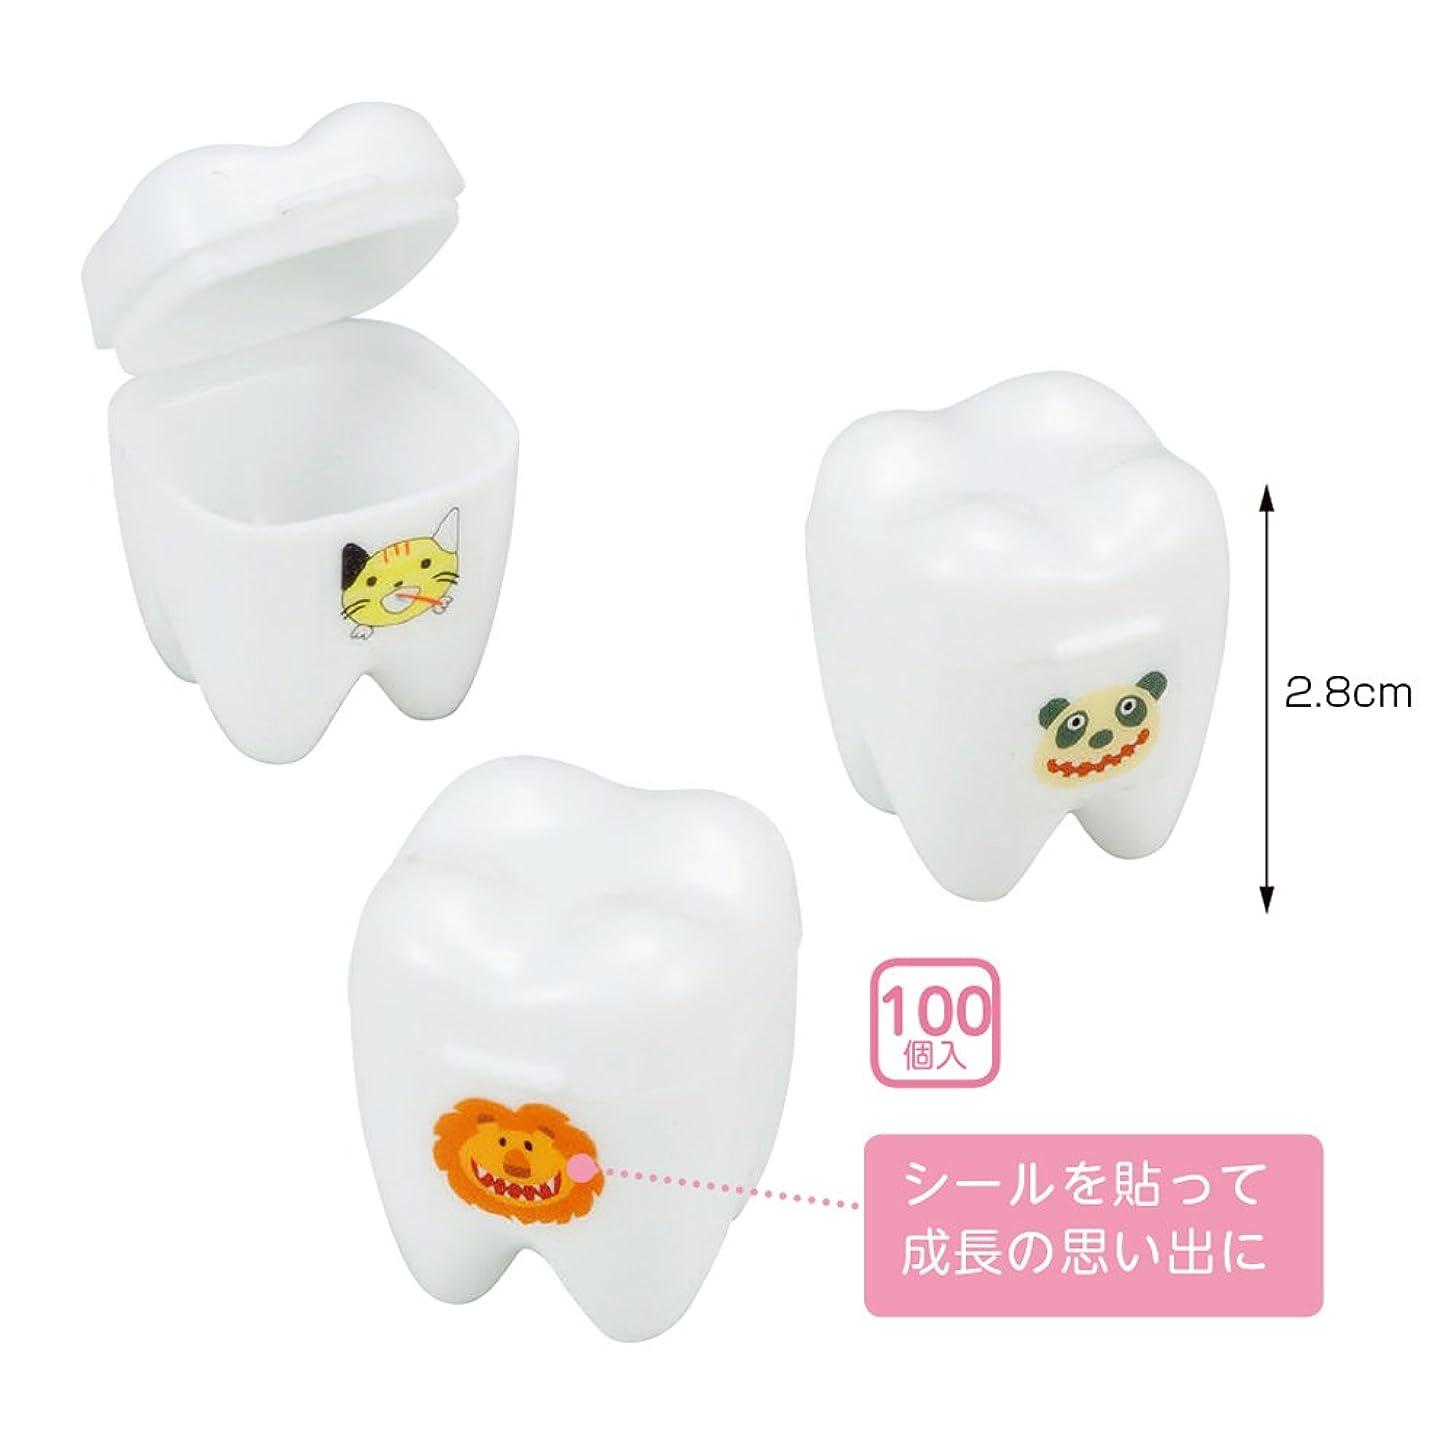 ロンドン共感する反論者乳歯保存ケース 抜けた乳歯のメモリーケース(100個入)